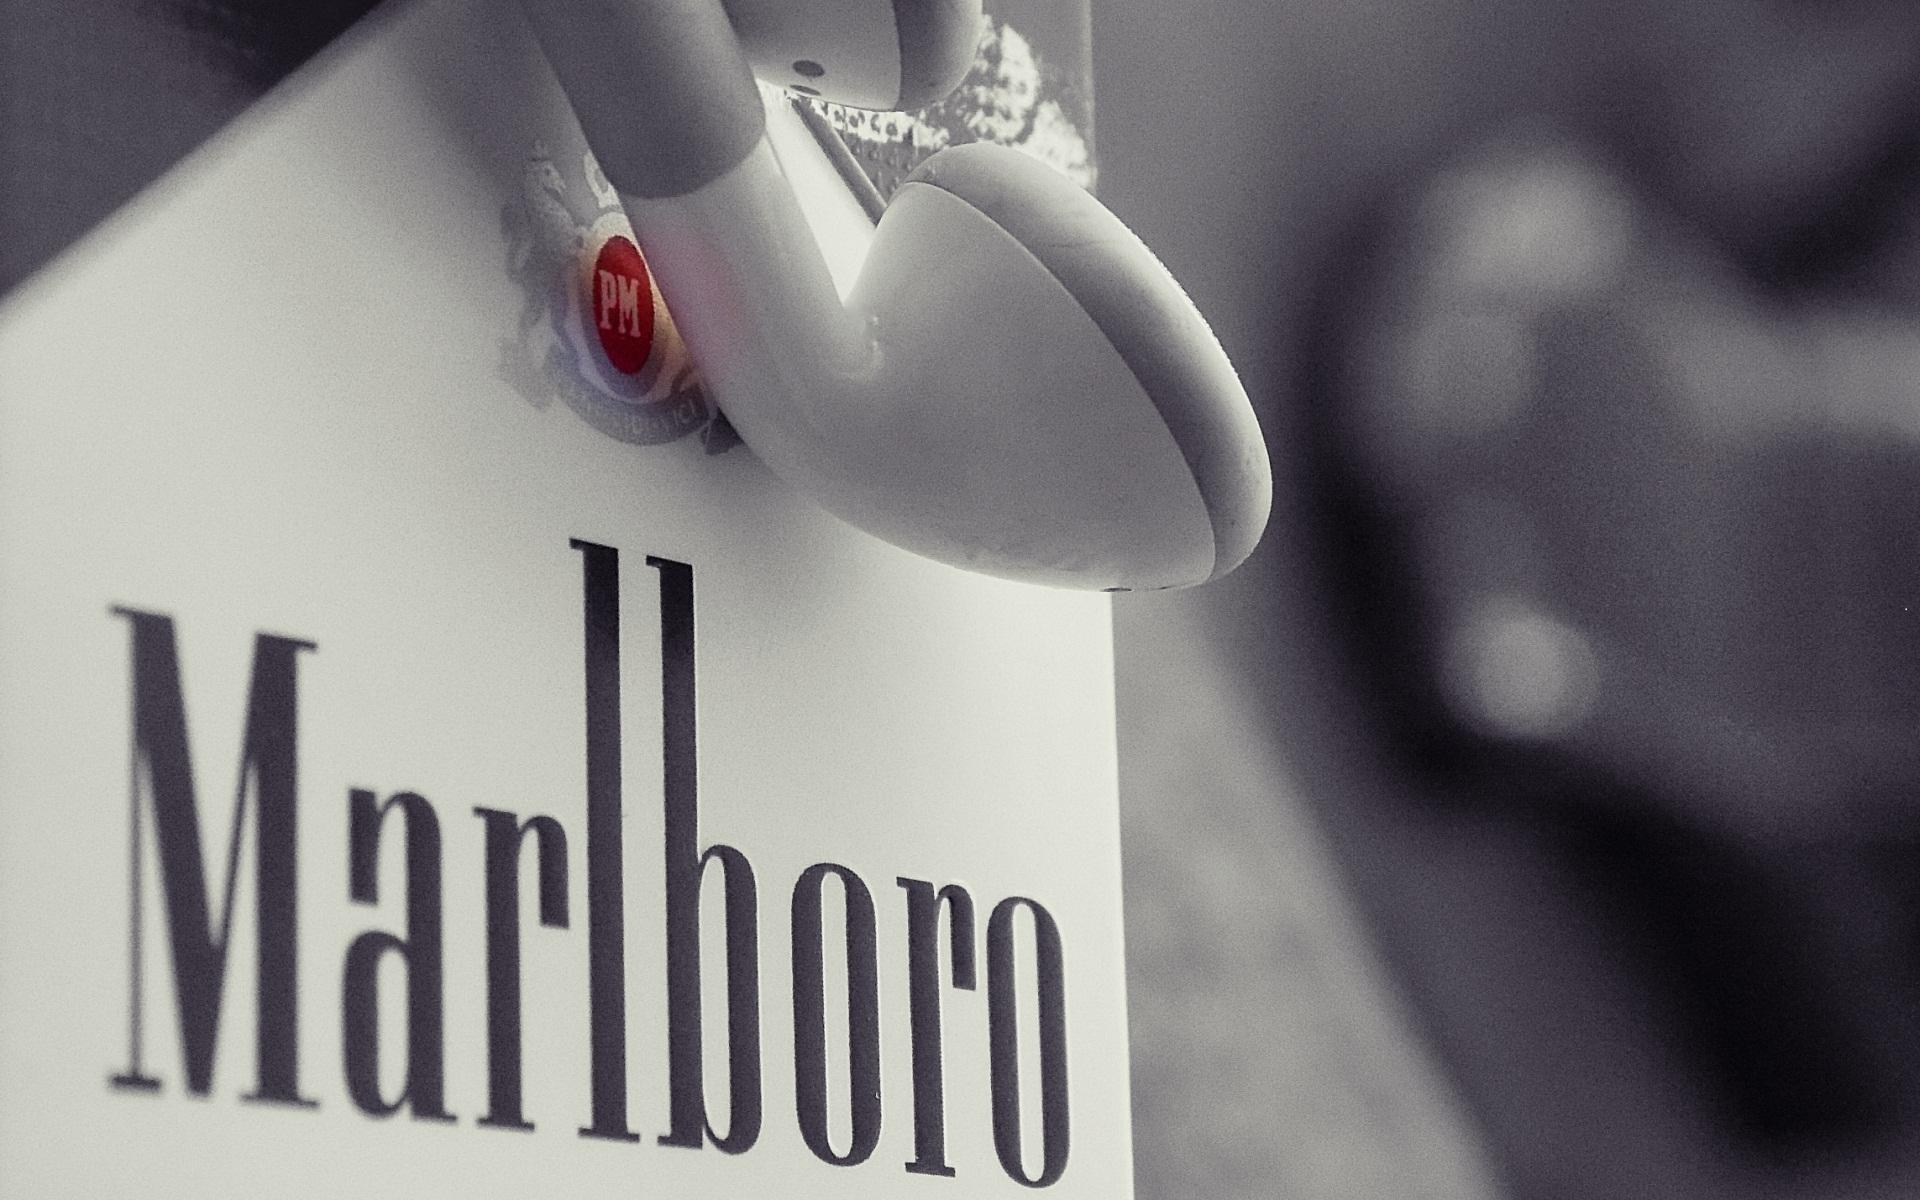 выборе картинки на рабочий стол пачка сигарет нравится использовать